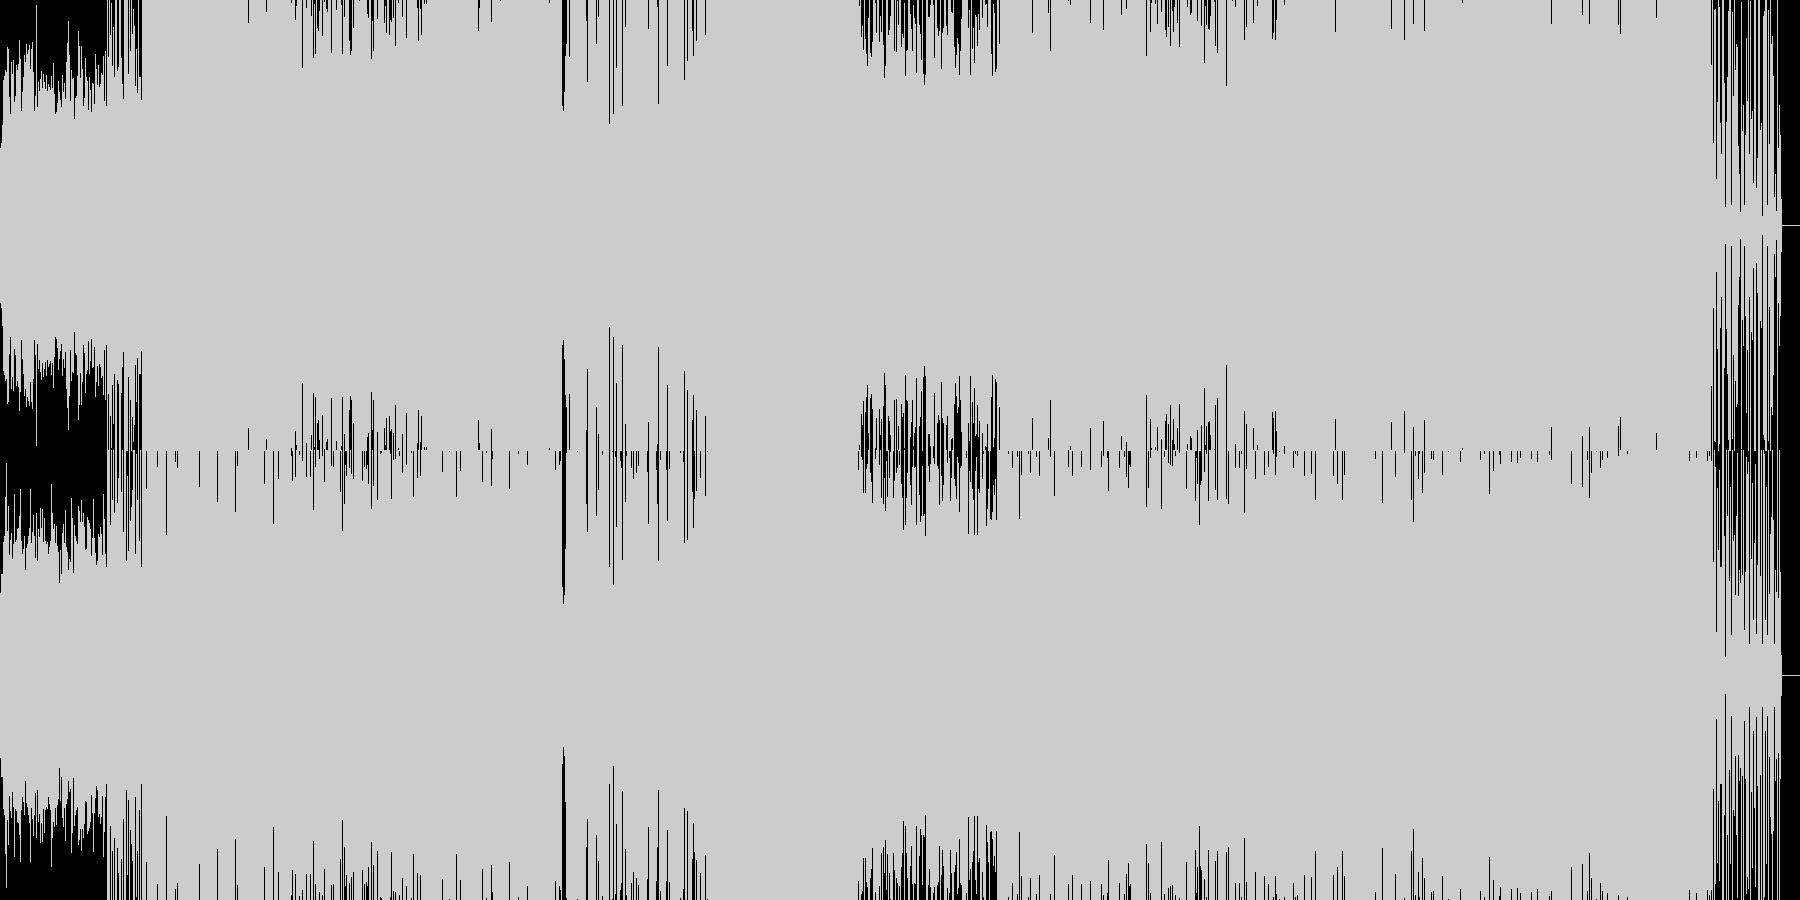 ミディアムテンポのラップ風楽曲の未再生の波形